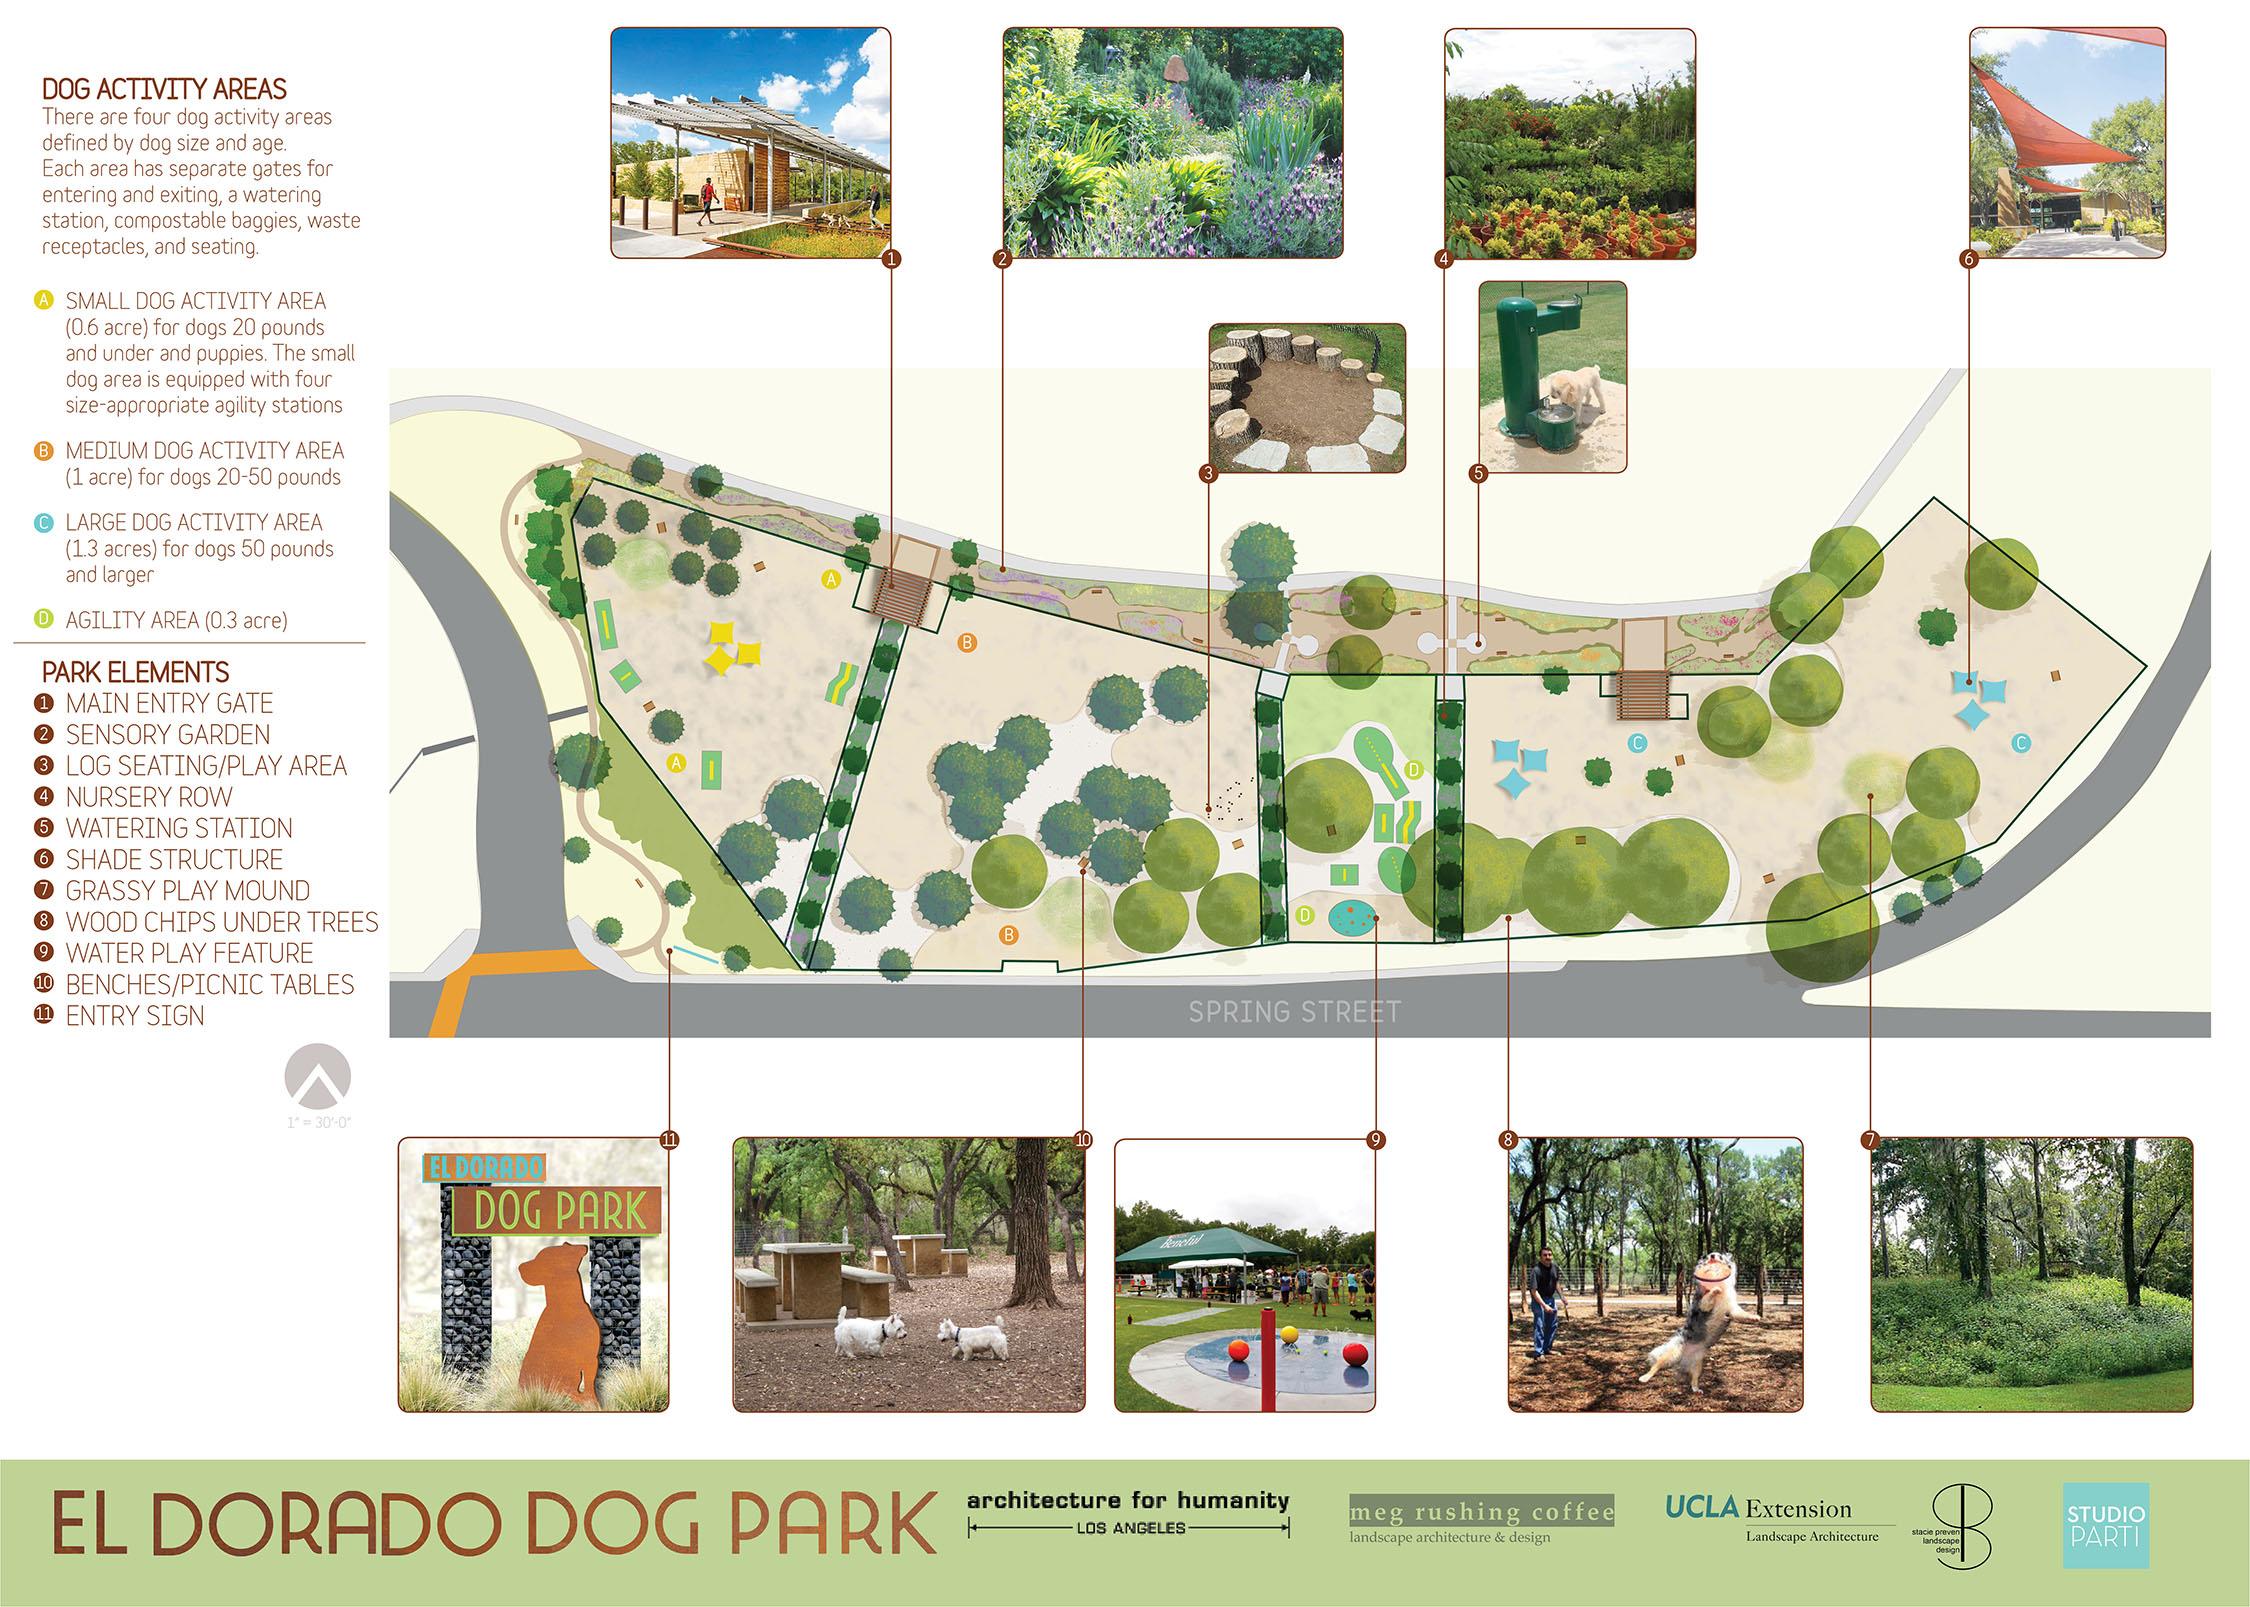 El Dorado Dog Park